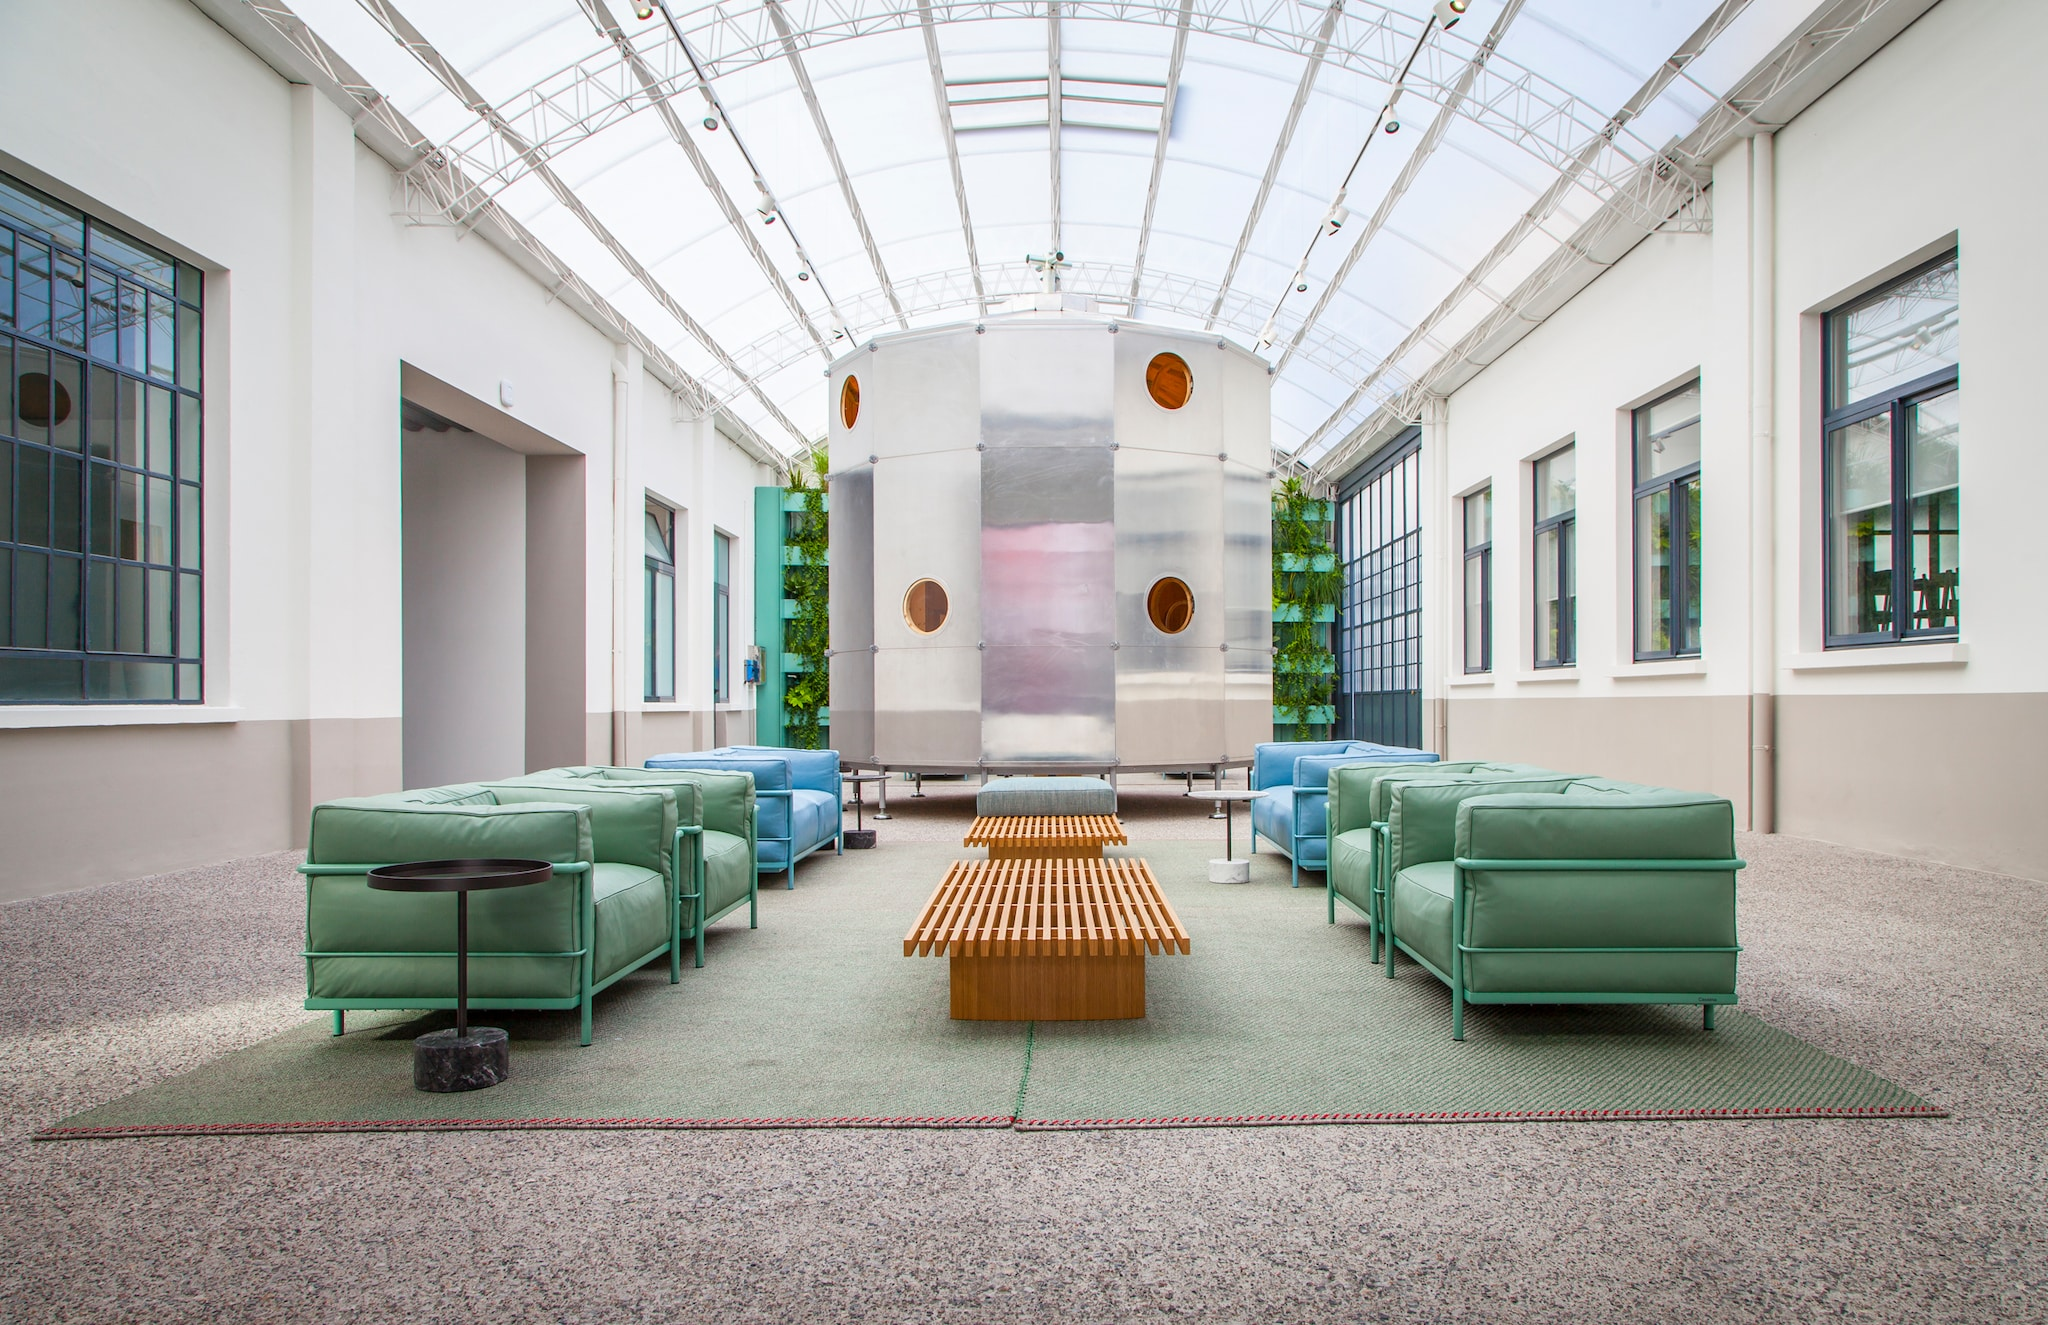 Siti Di Architetti Italiani design, le aziende orfane del salone mettono online le